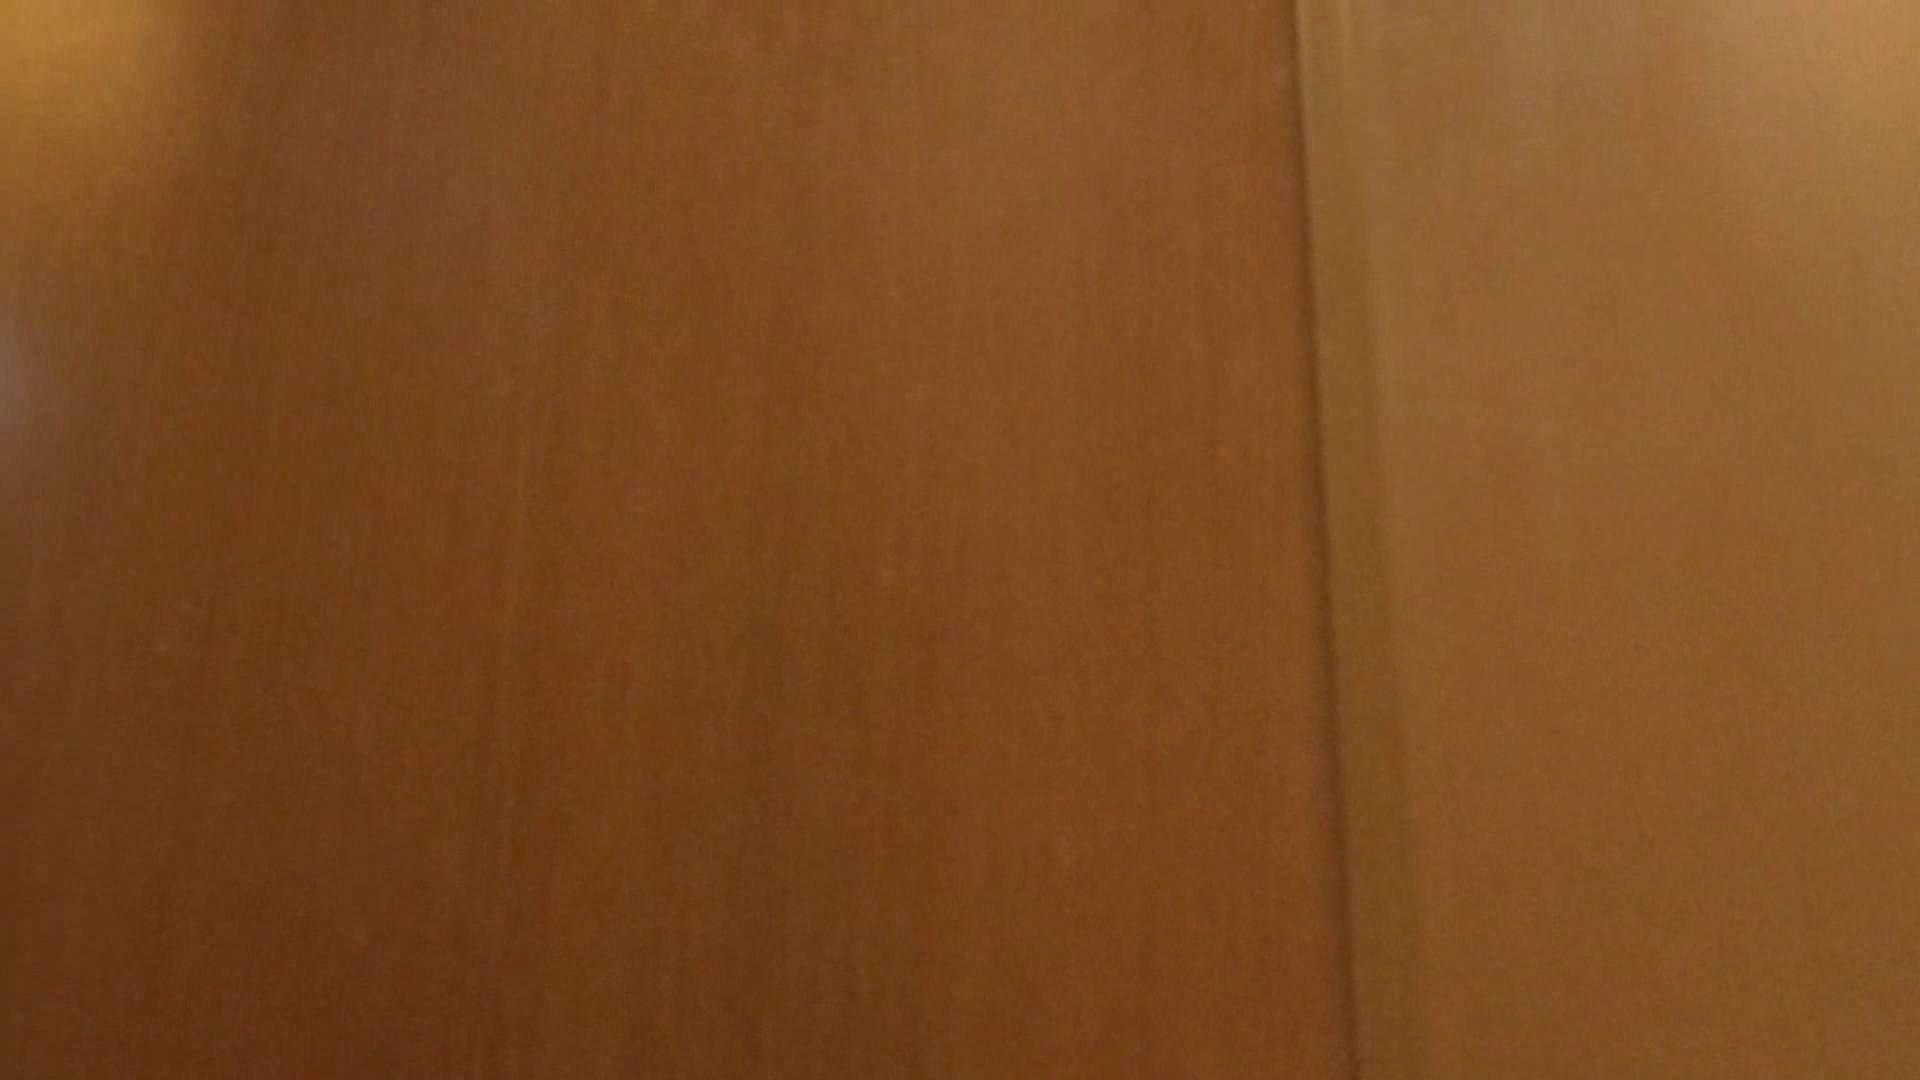 「噂」の国の厠観察日記2 Vol.02 厠 スケベ動画紹介 26連発 26